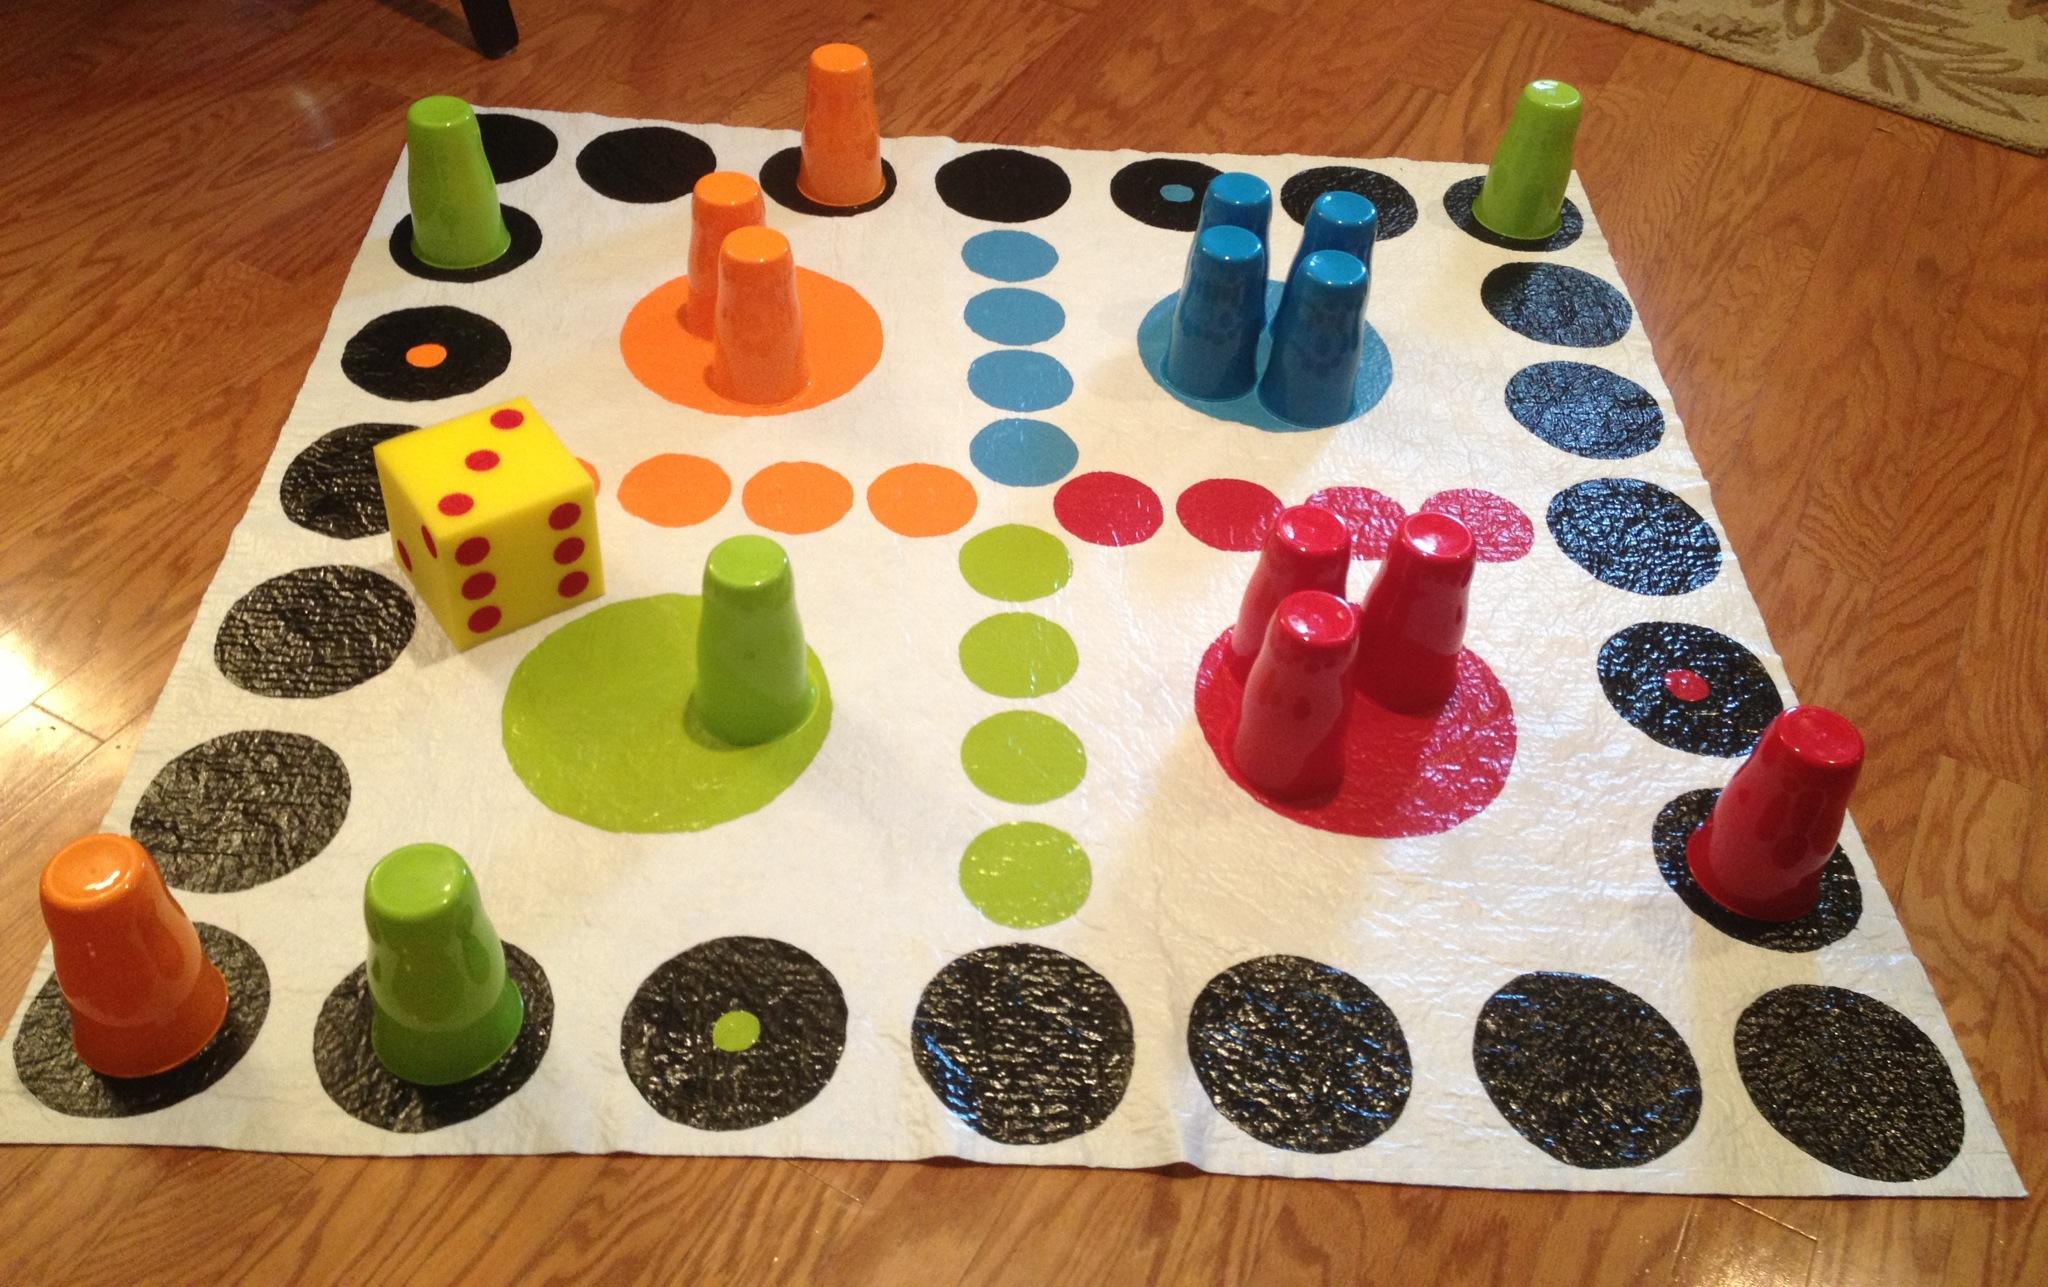 Connu Jeux géants - Choisis la Vie FH69